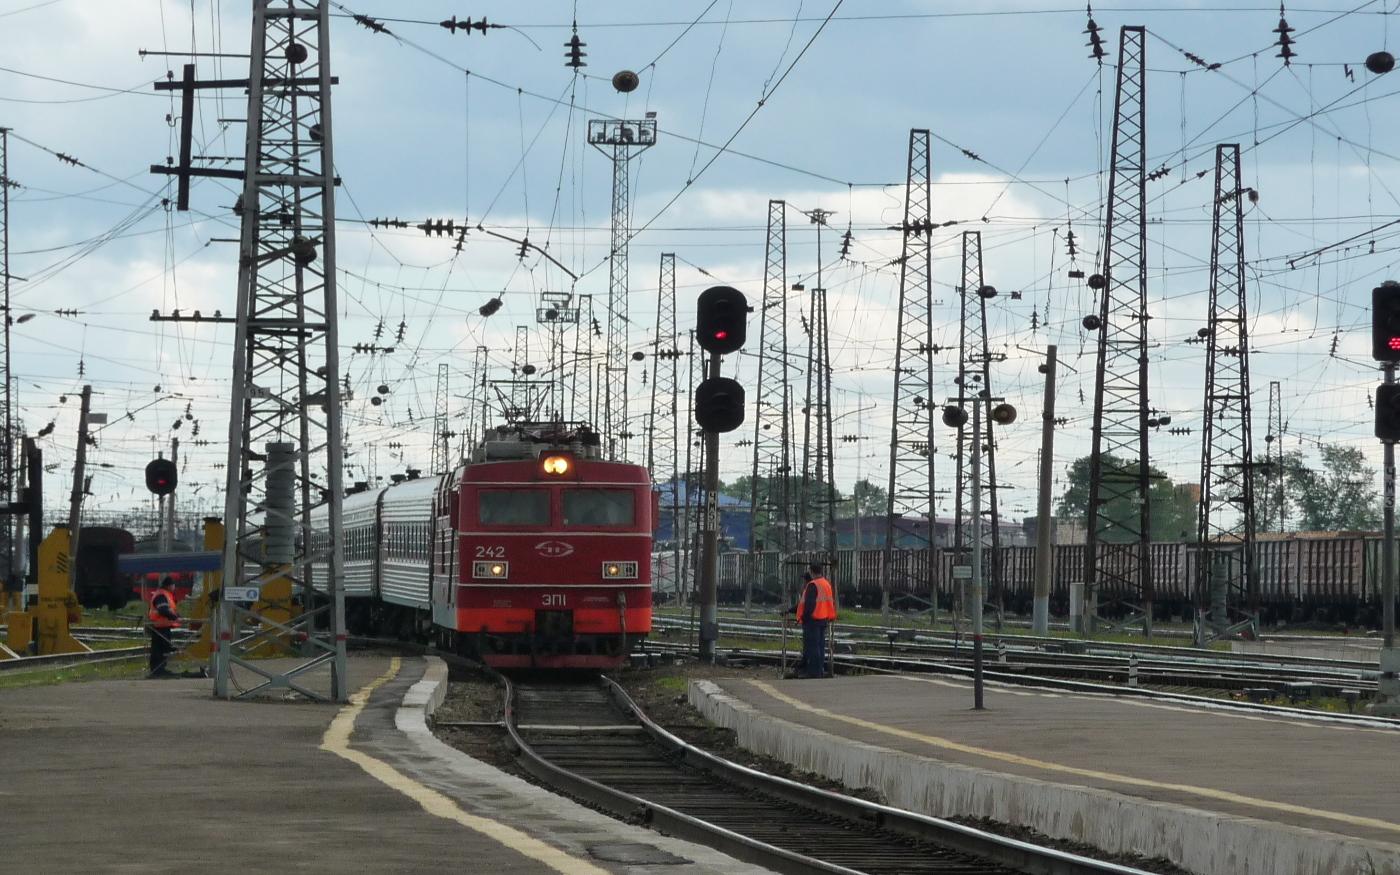 Bahnhof in Sibirien - Zugeinfahrt